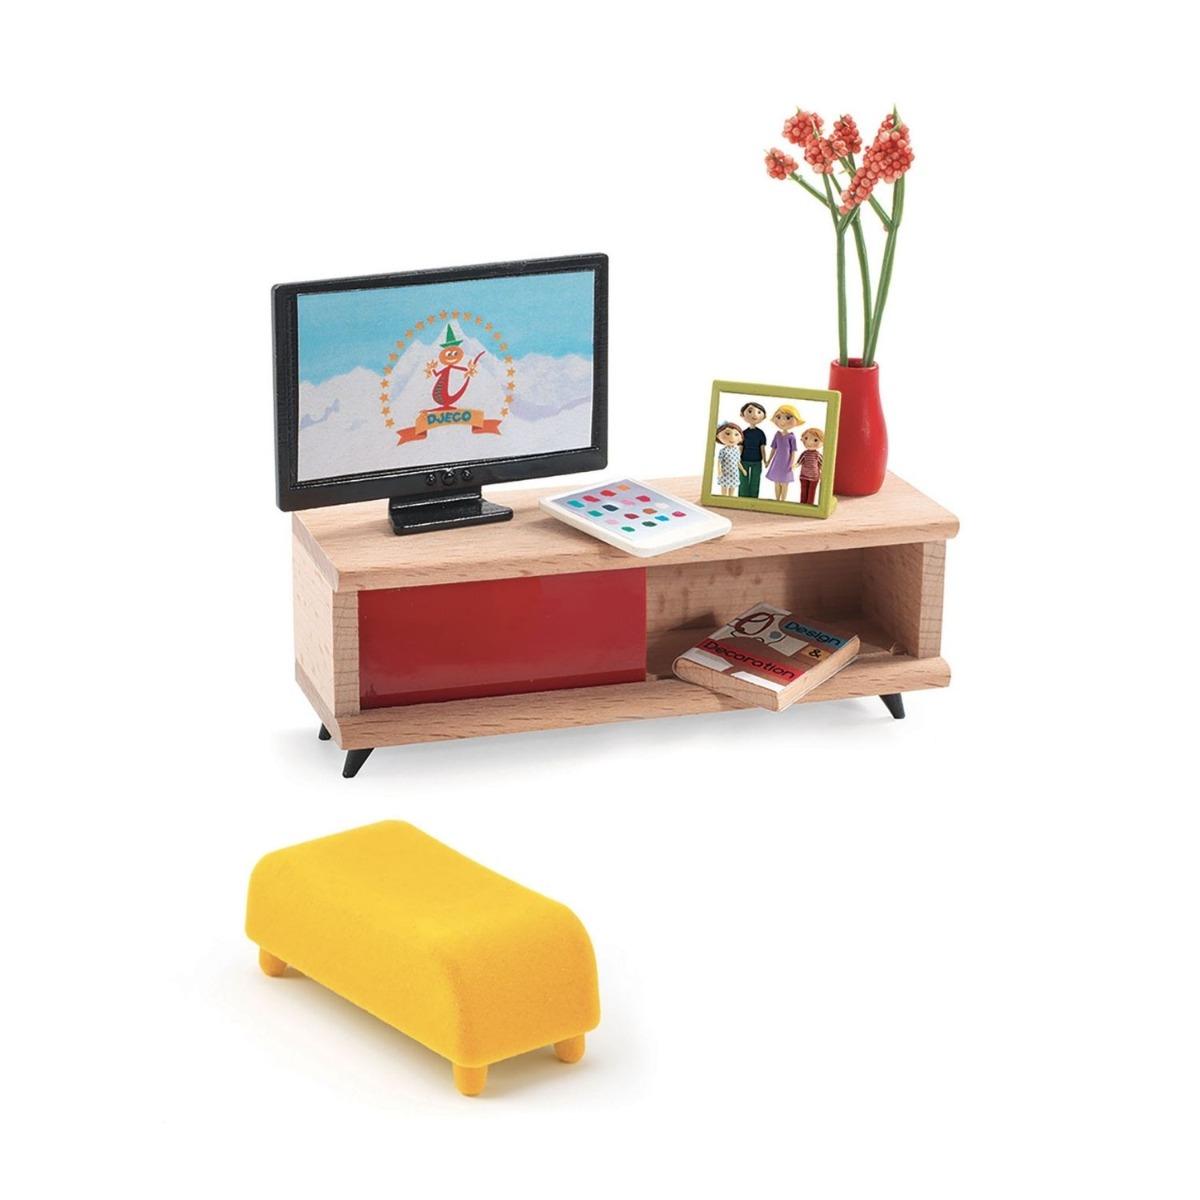 Designtorget Dockskåpsmöbler TV-rum